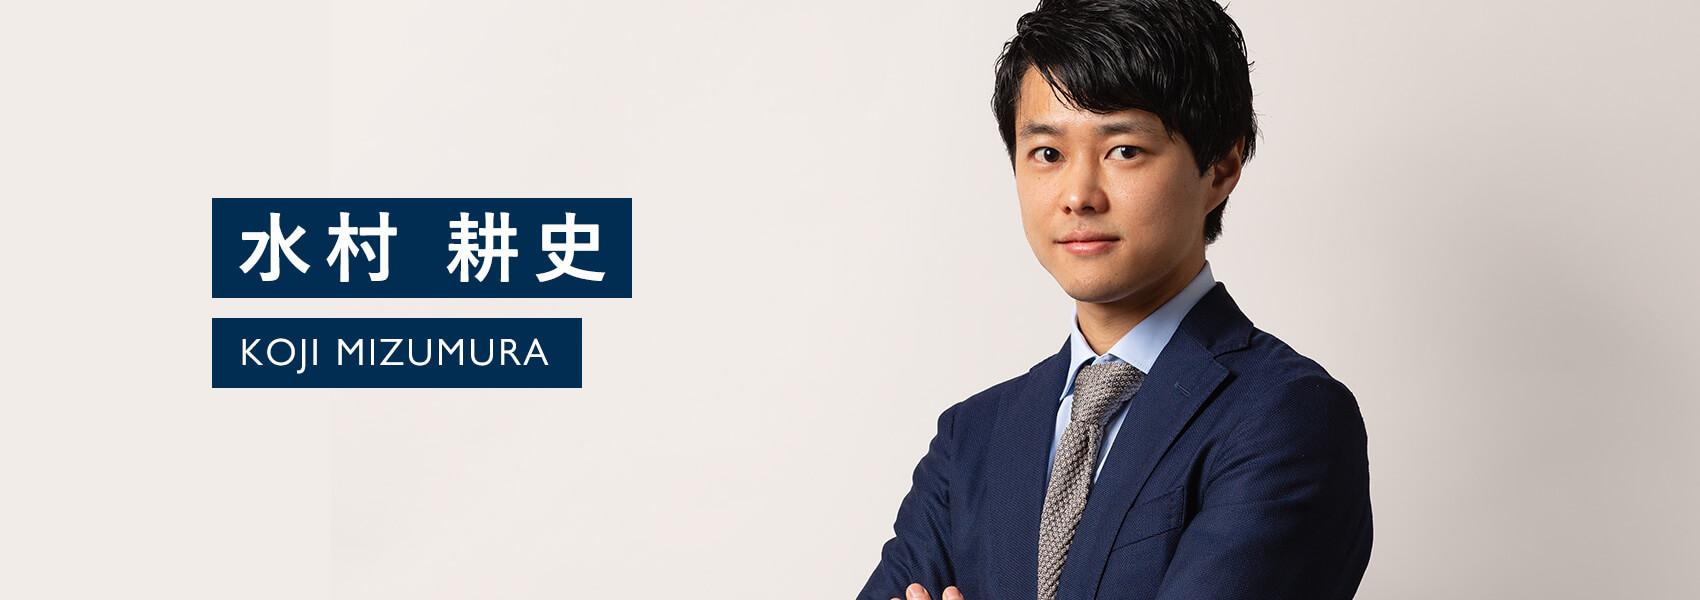 水村耕史へのインタビュー